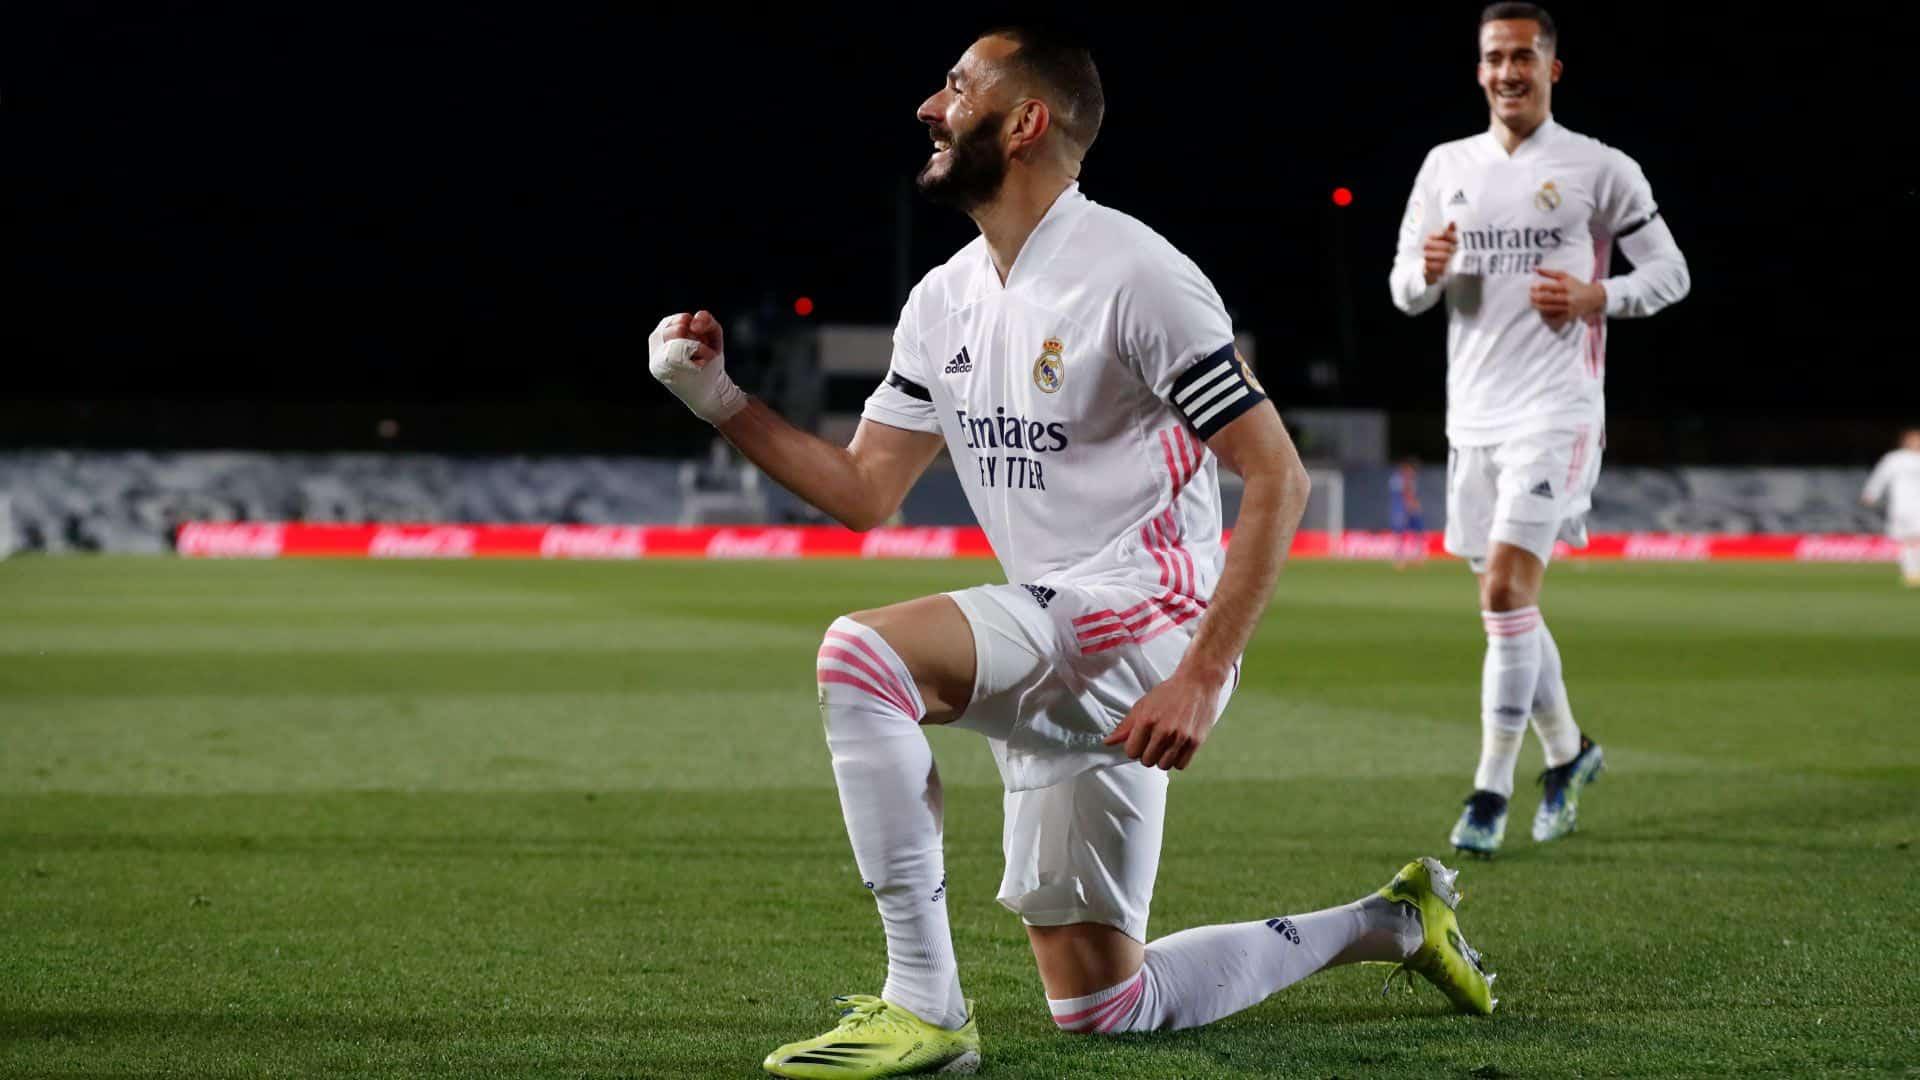 Benzema zsinórban hetedik bajnoki meccsén eredményes